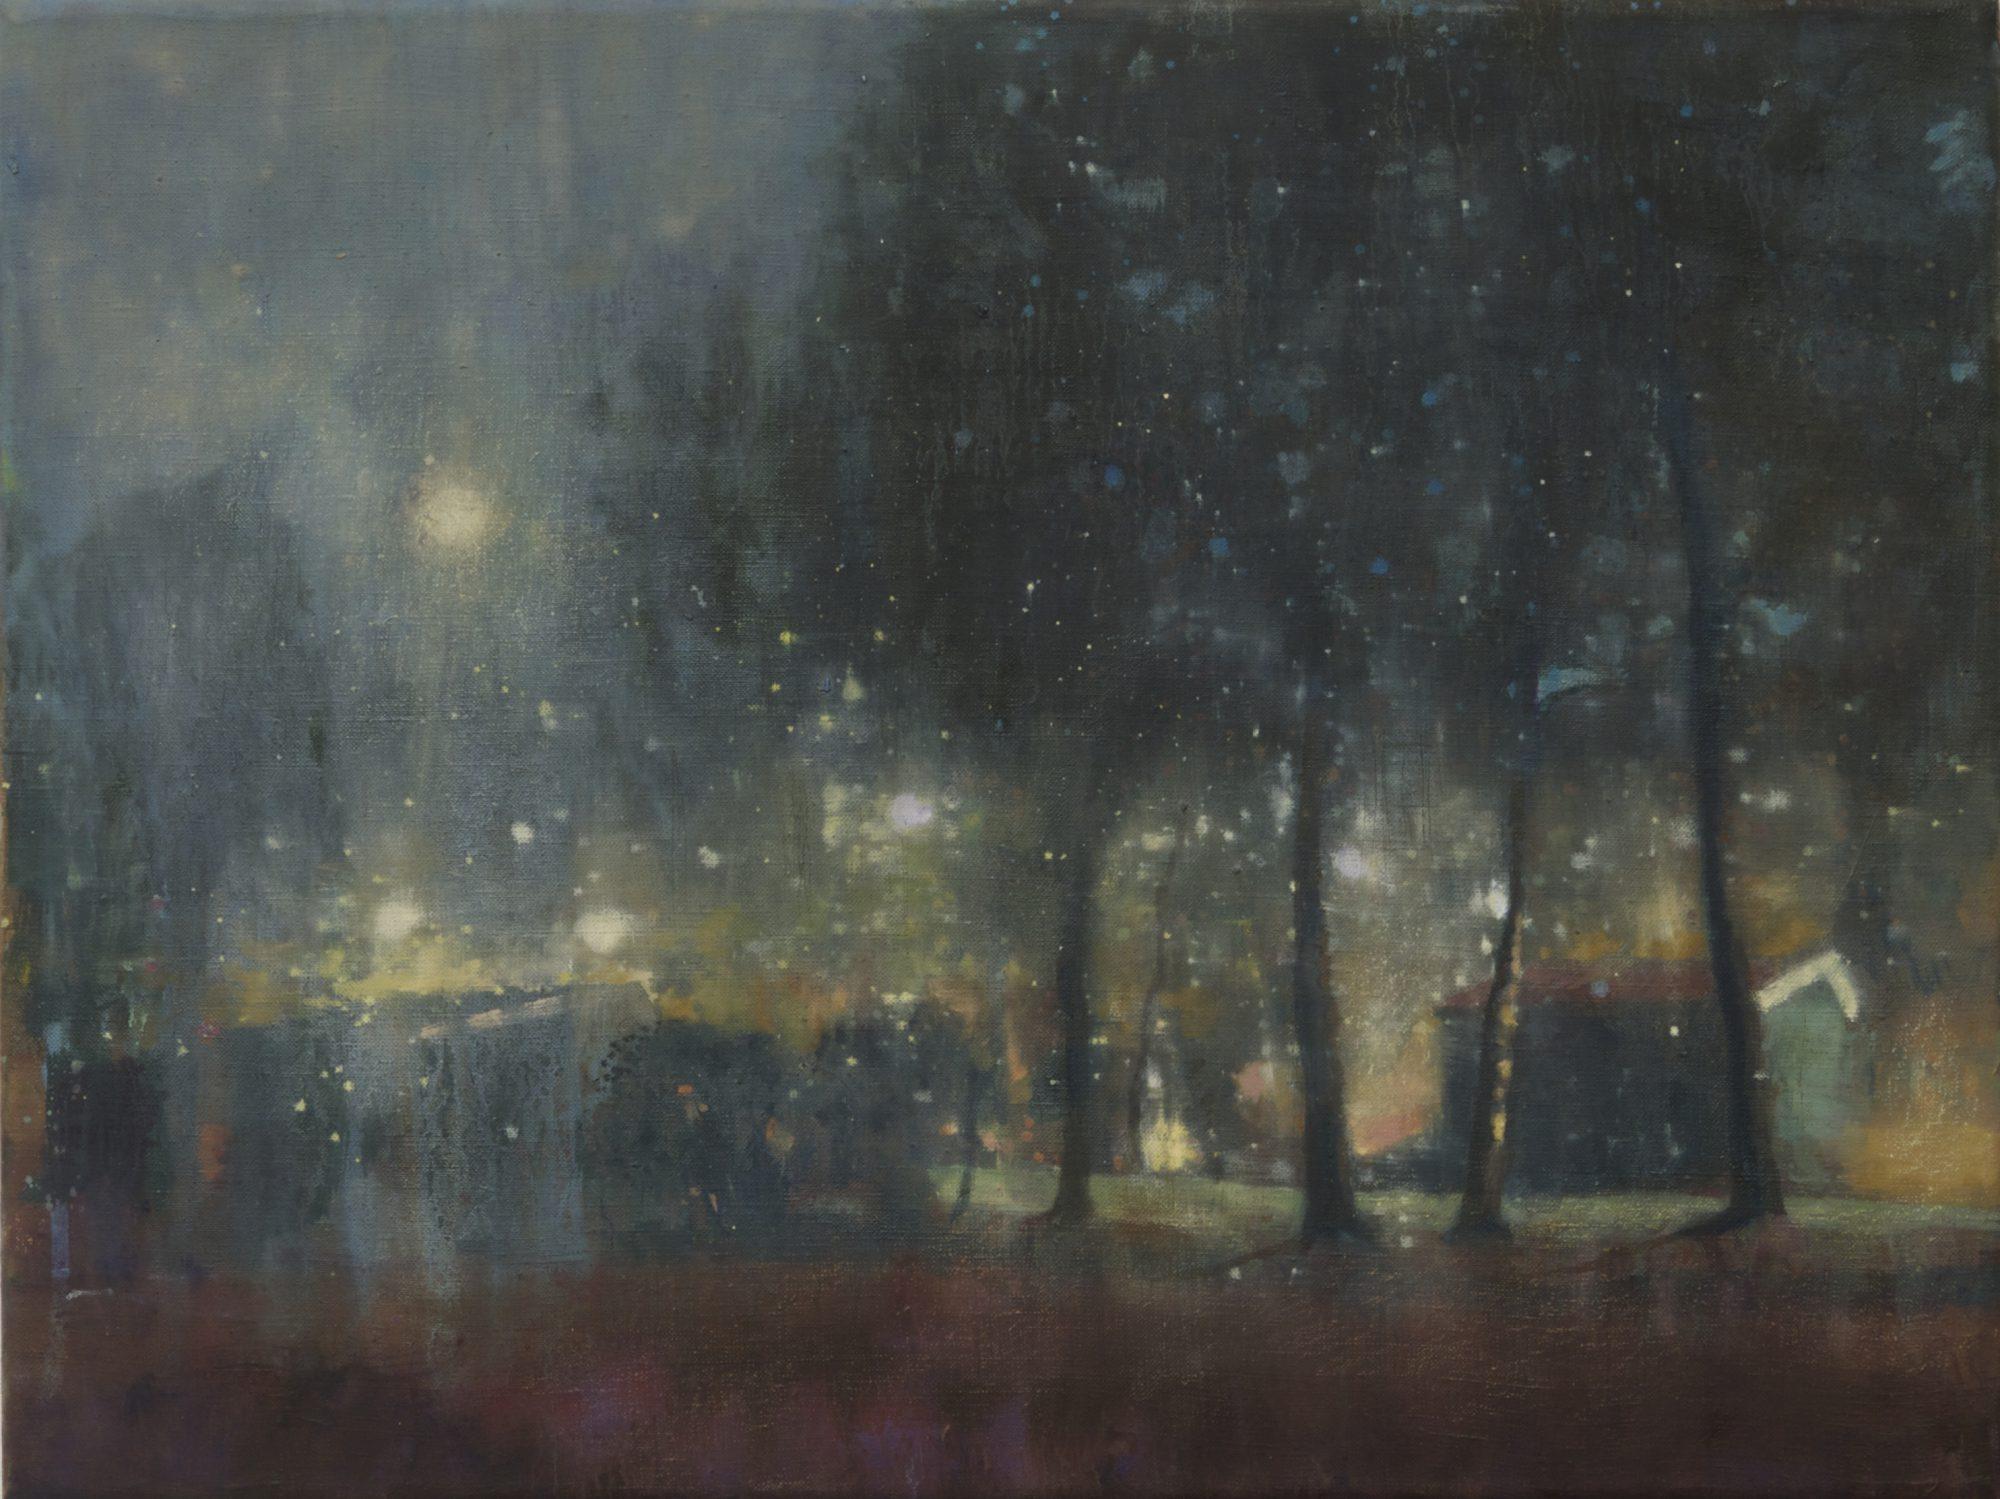 schilderij Isabella Werkhoven park bij avond en maan nocturne NRC